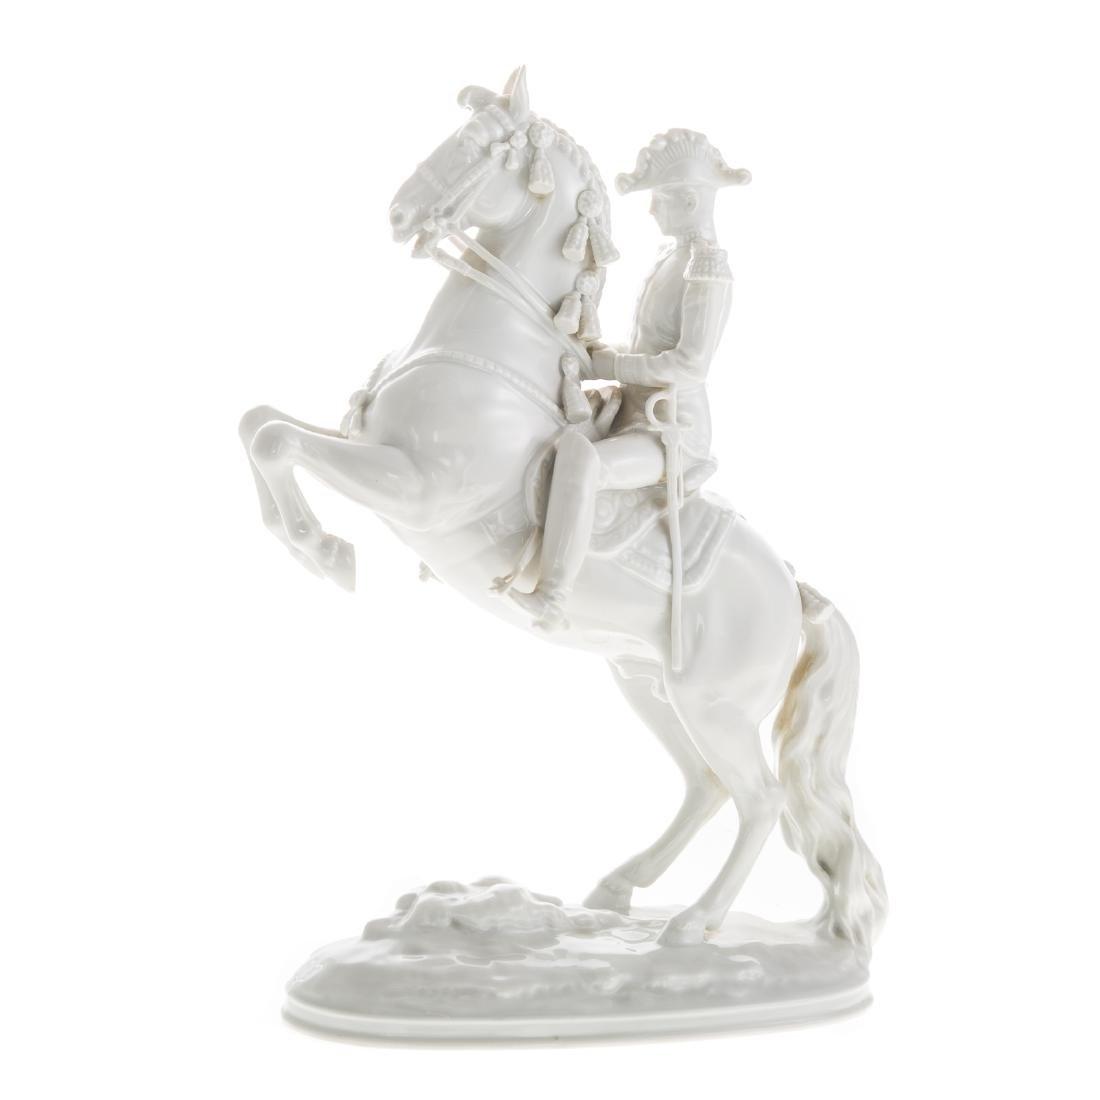 Royal Vienna porcelain Lippizaner stallion/rider